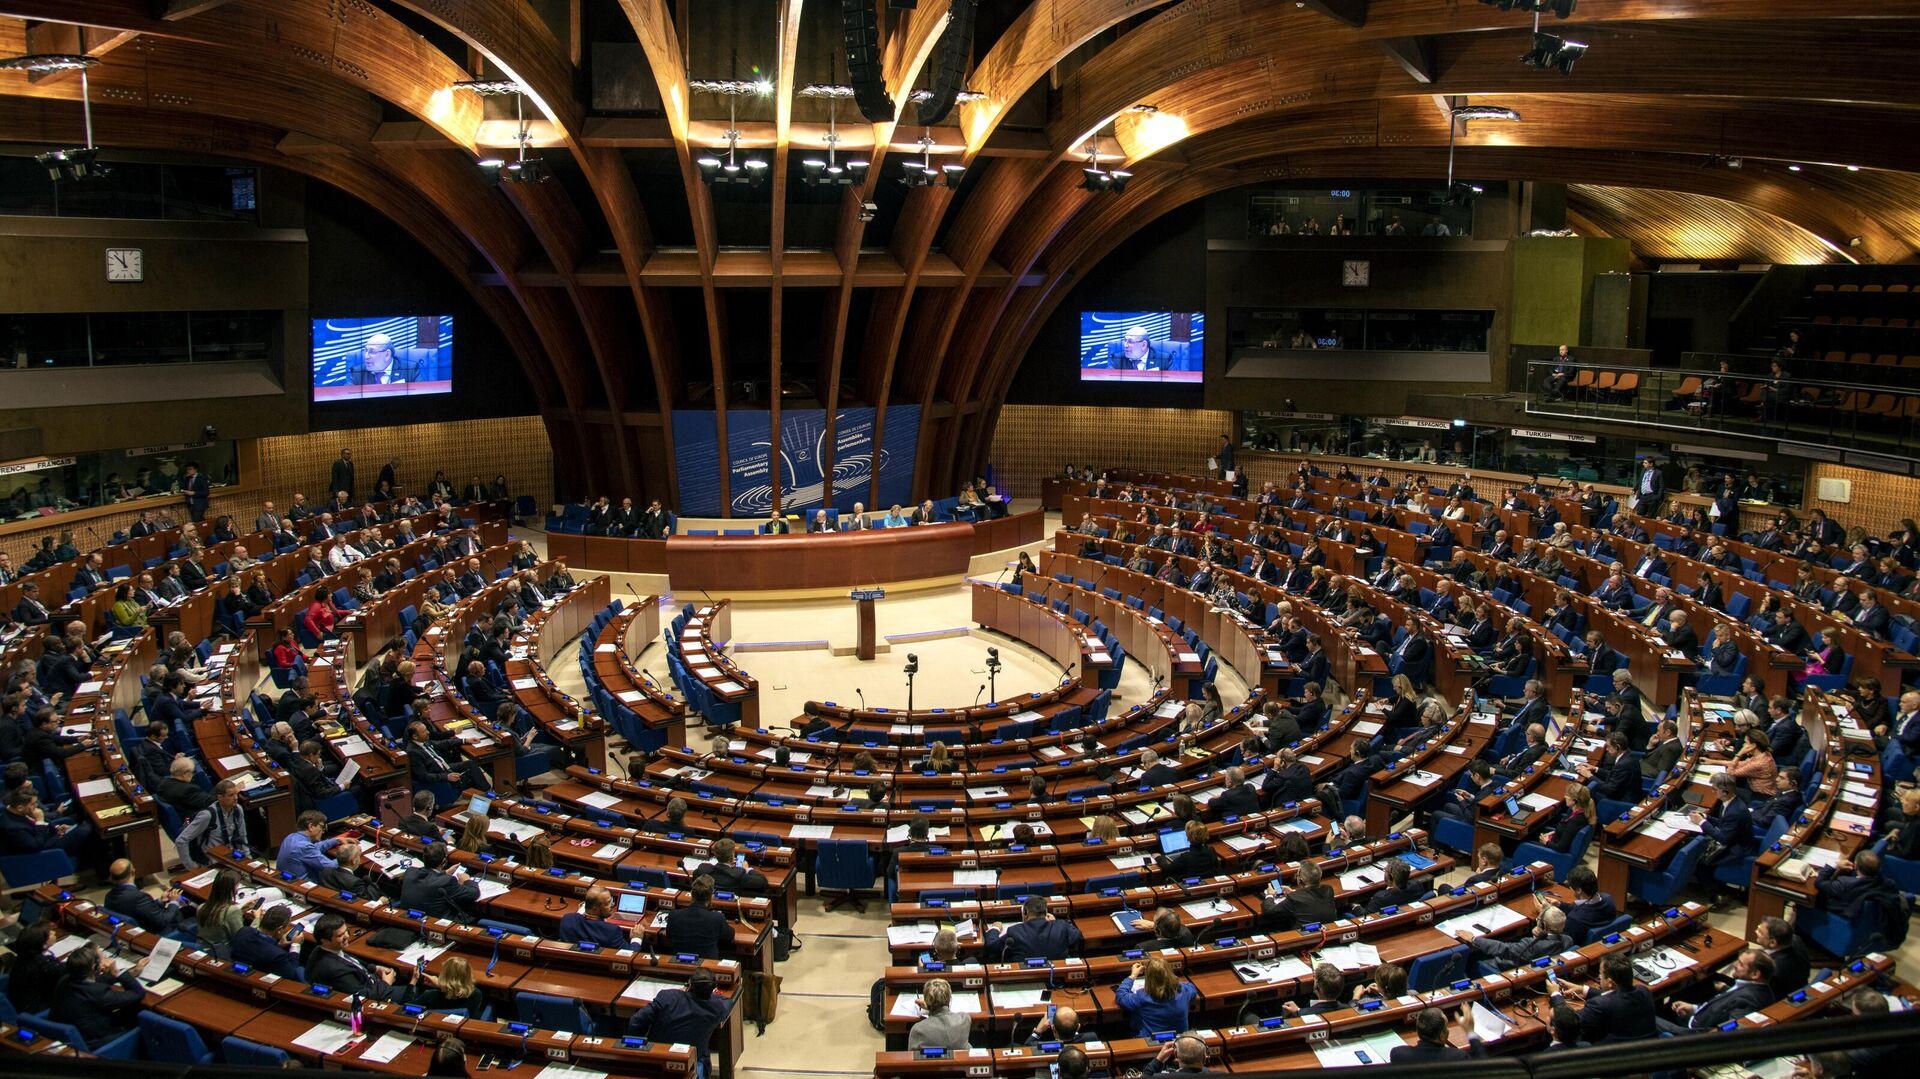 Заседание зимней сессии Парламентской ассамблеи Совета Европы - РИА Новости, 1920, 01.03.2021